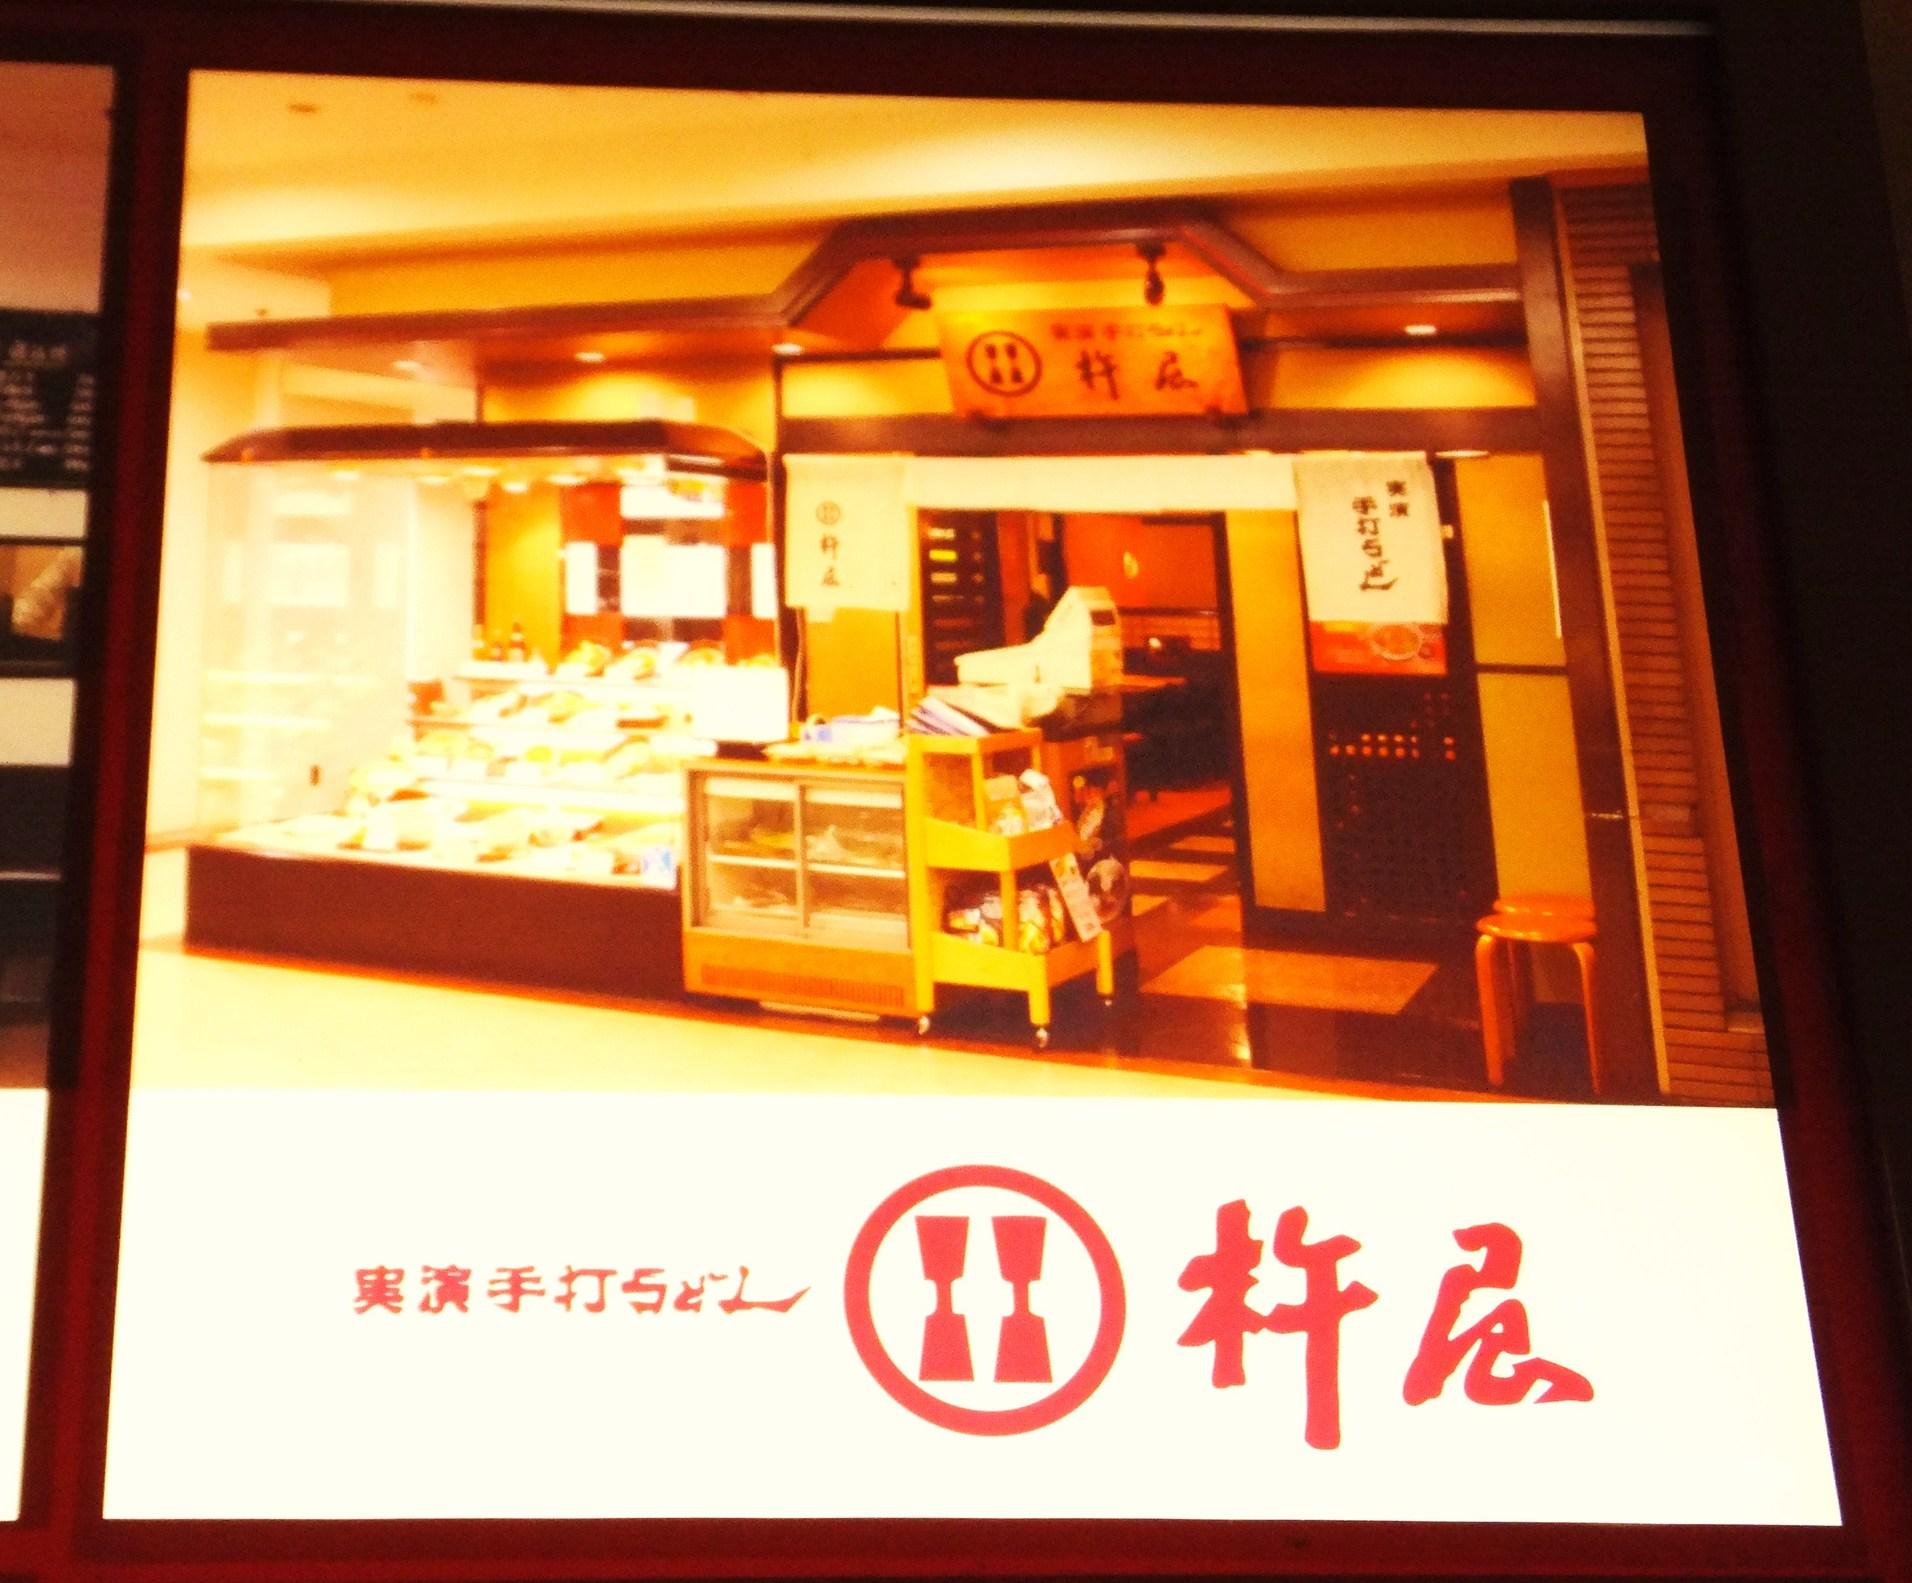 杵屋 堺東高島屋アップル店